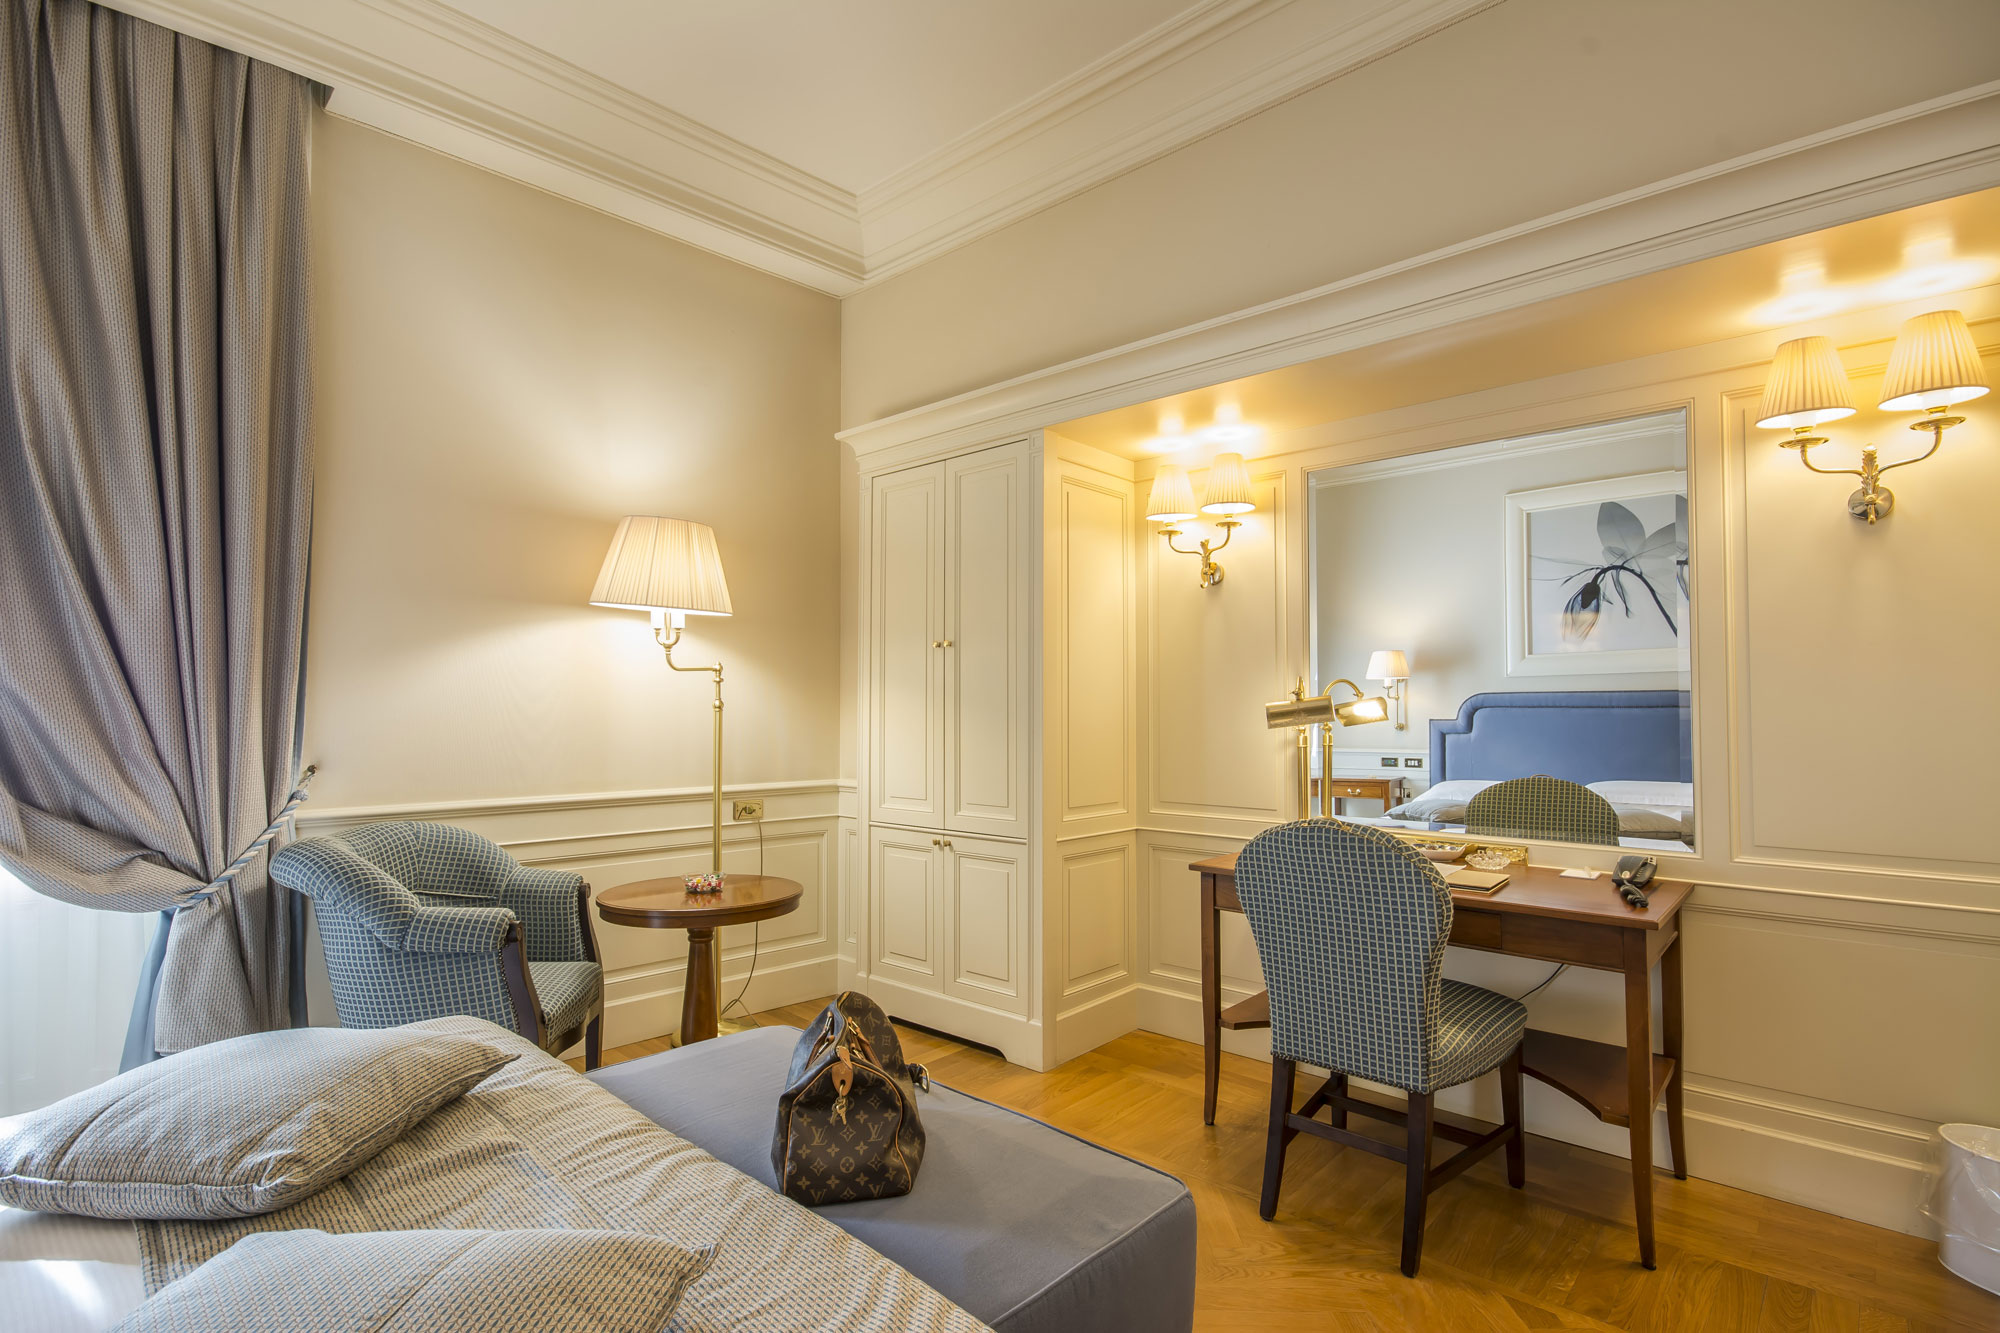 Suite double avec une décoration ancienne et couleur bleu